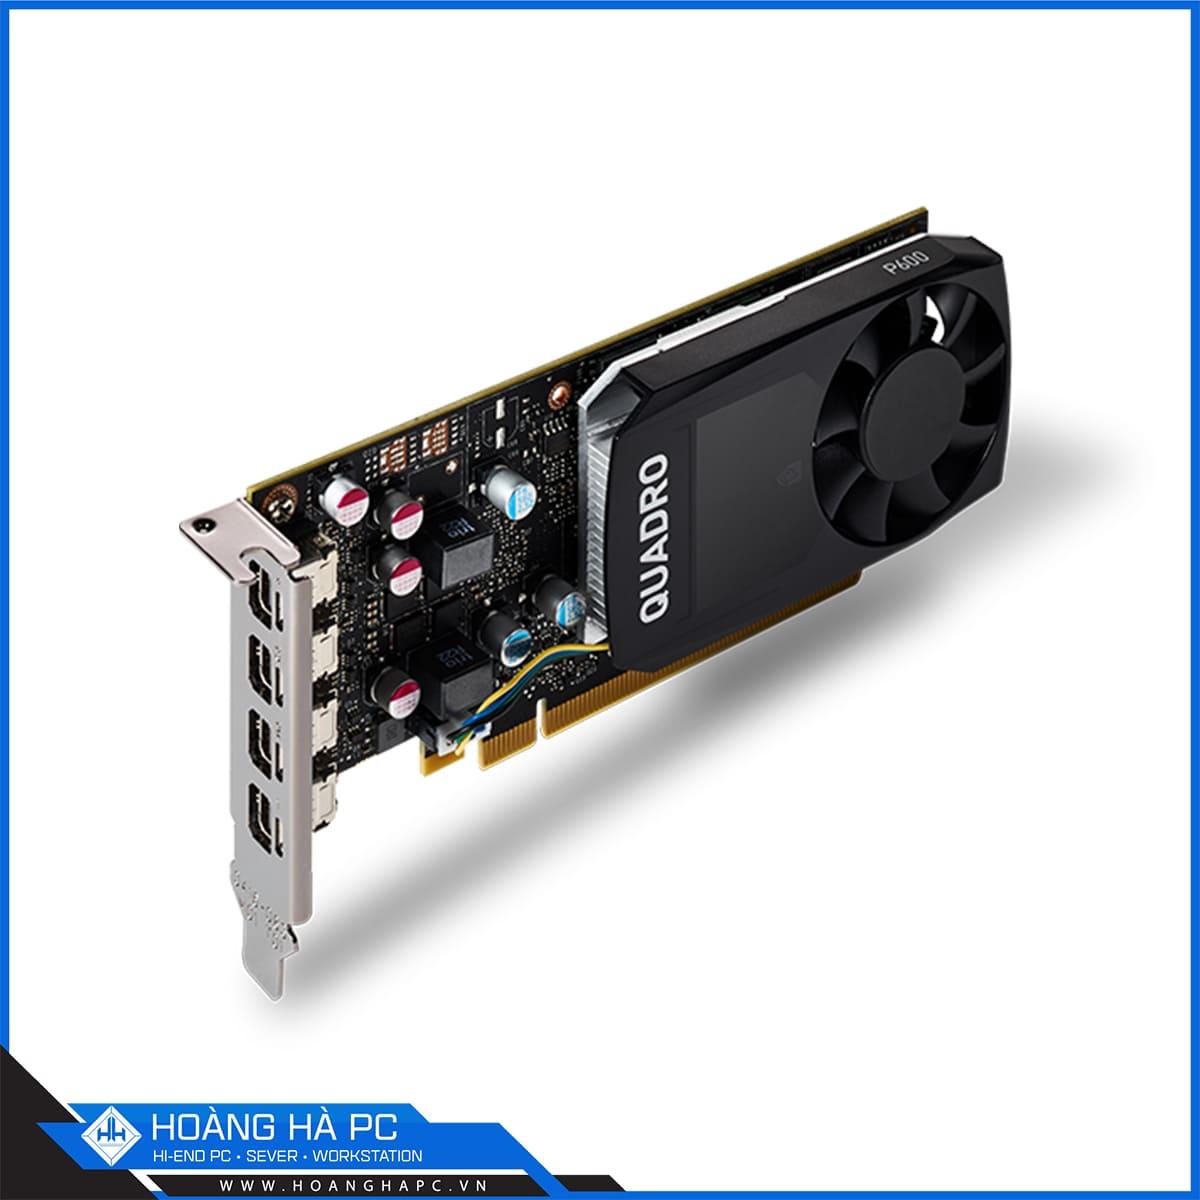 VGA CARD NVIDIA QUADRO P600 2GB